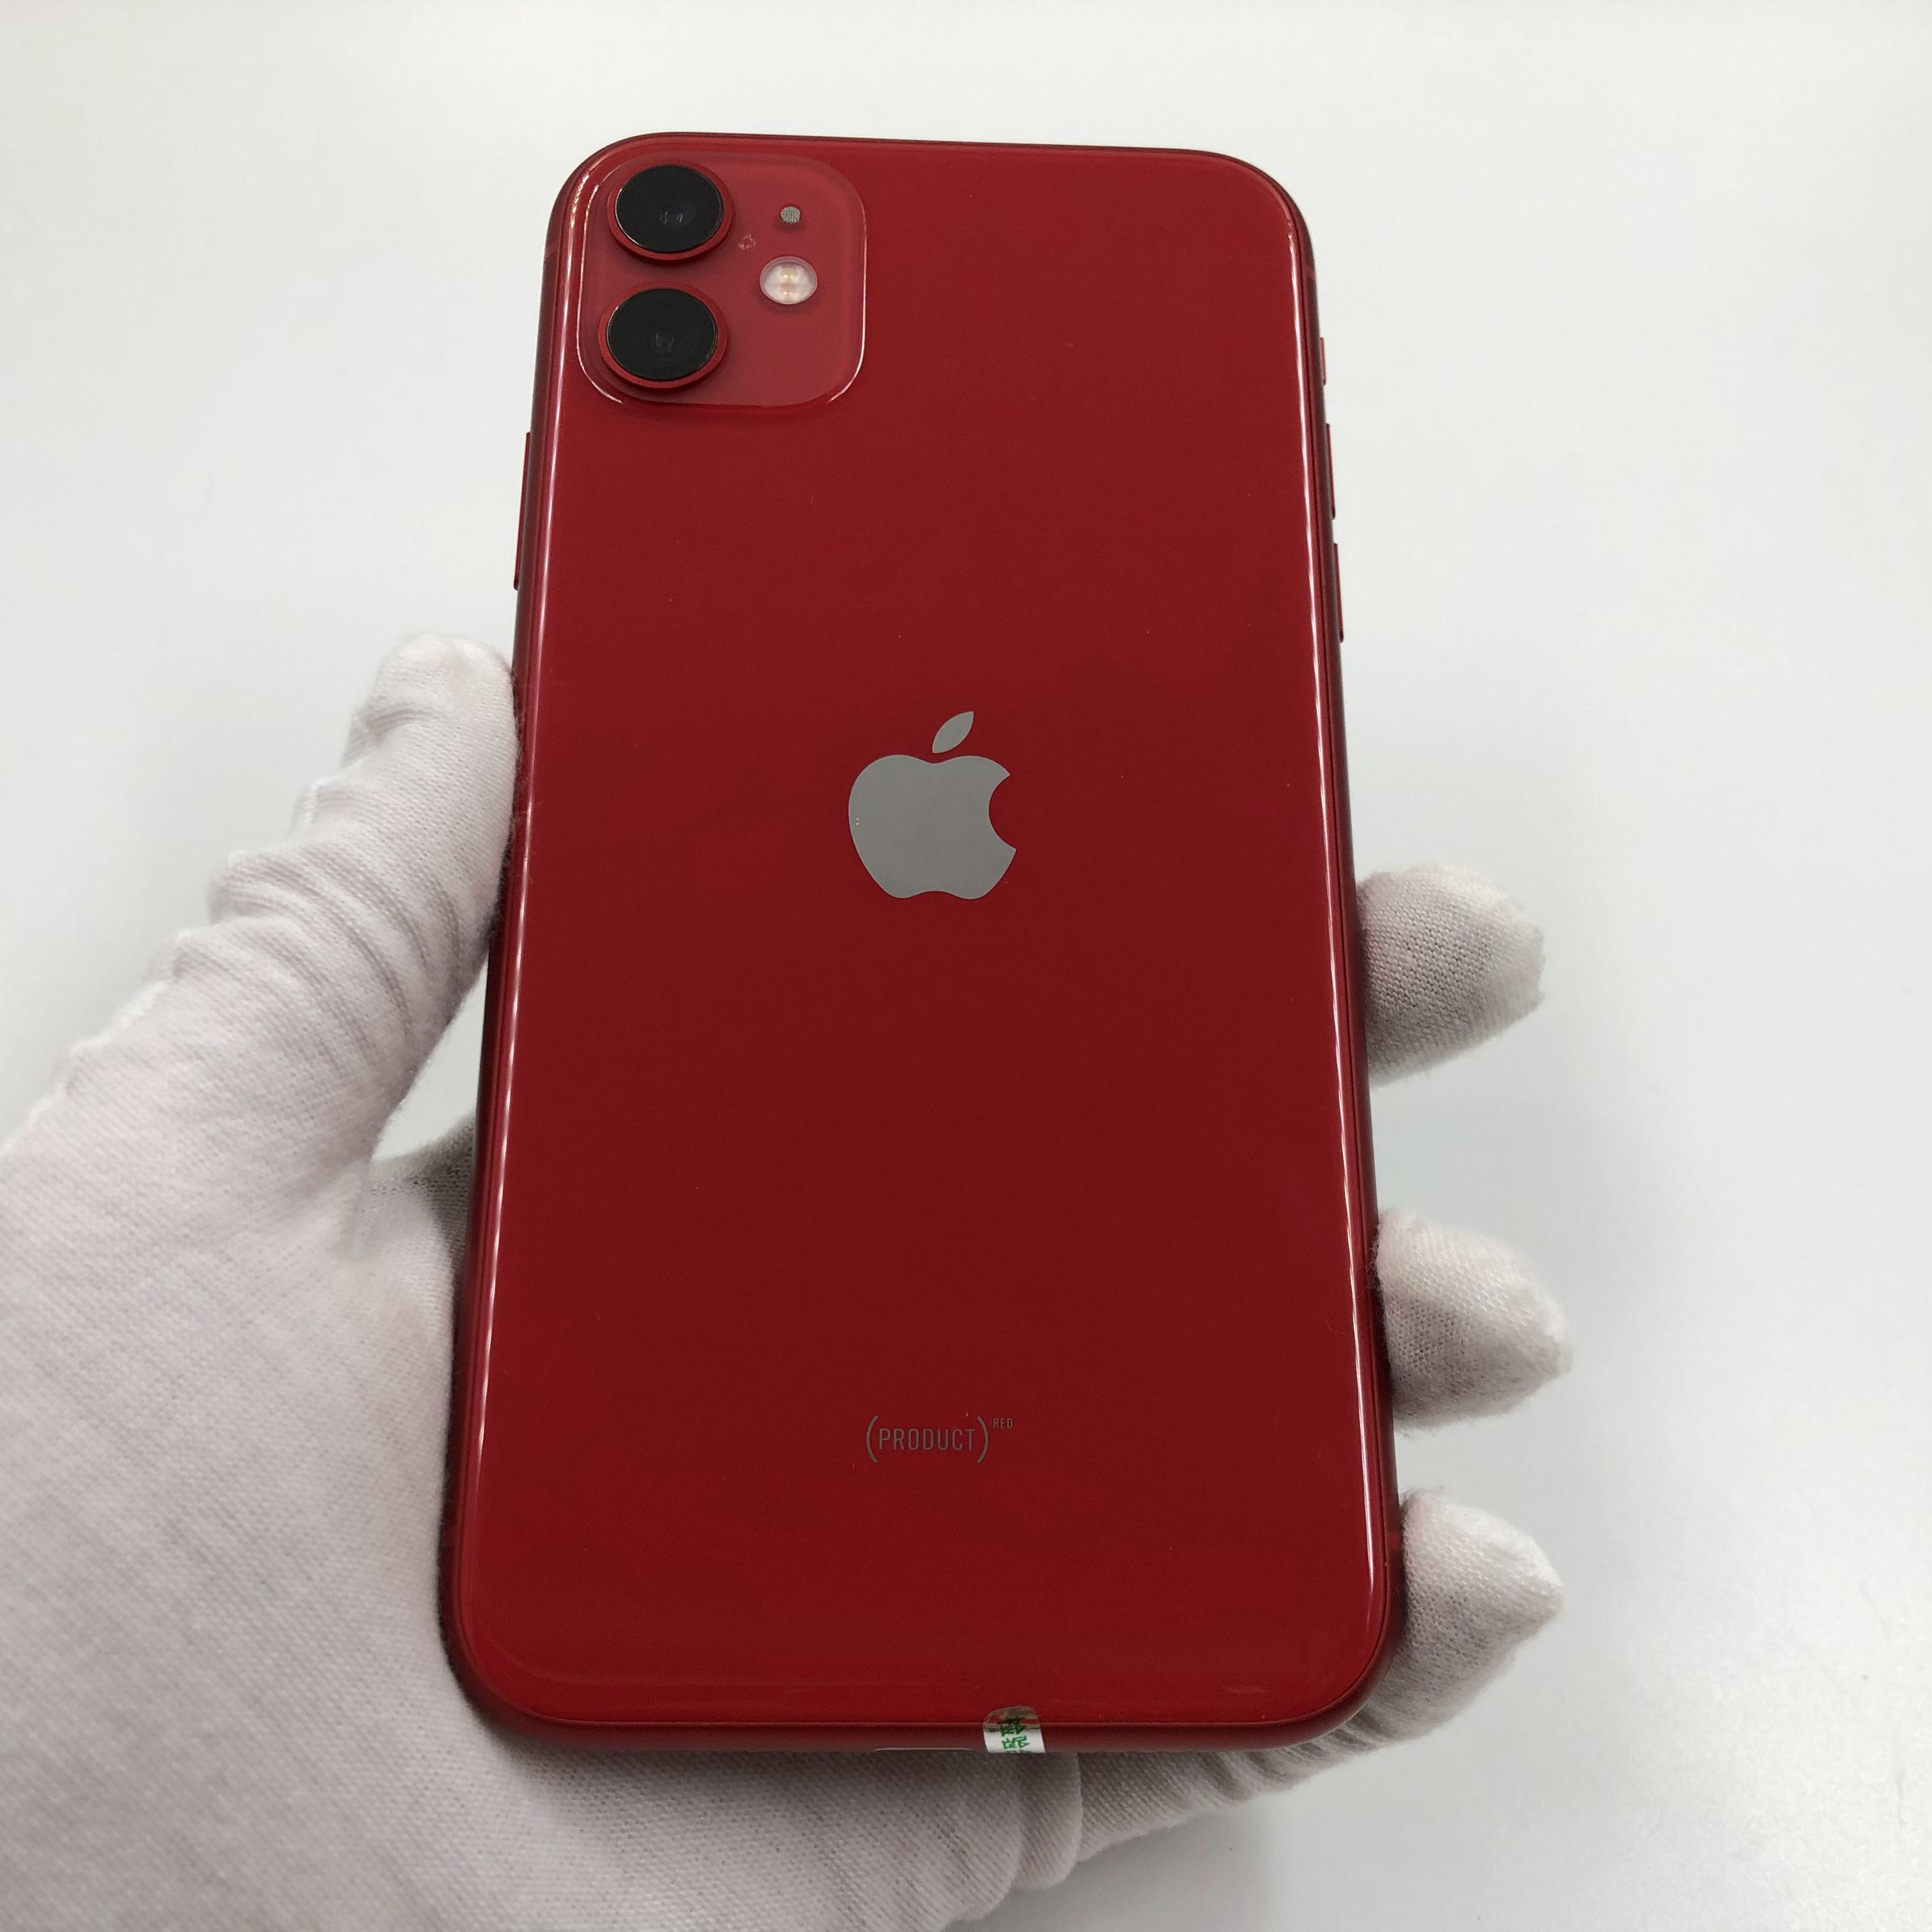 苹果【iPhone 11】4G全网通 红色 128G 国行 95新 真机实拍官保2021-09-05